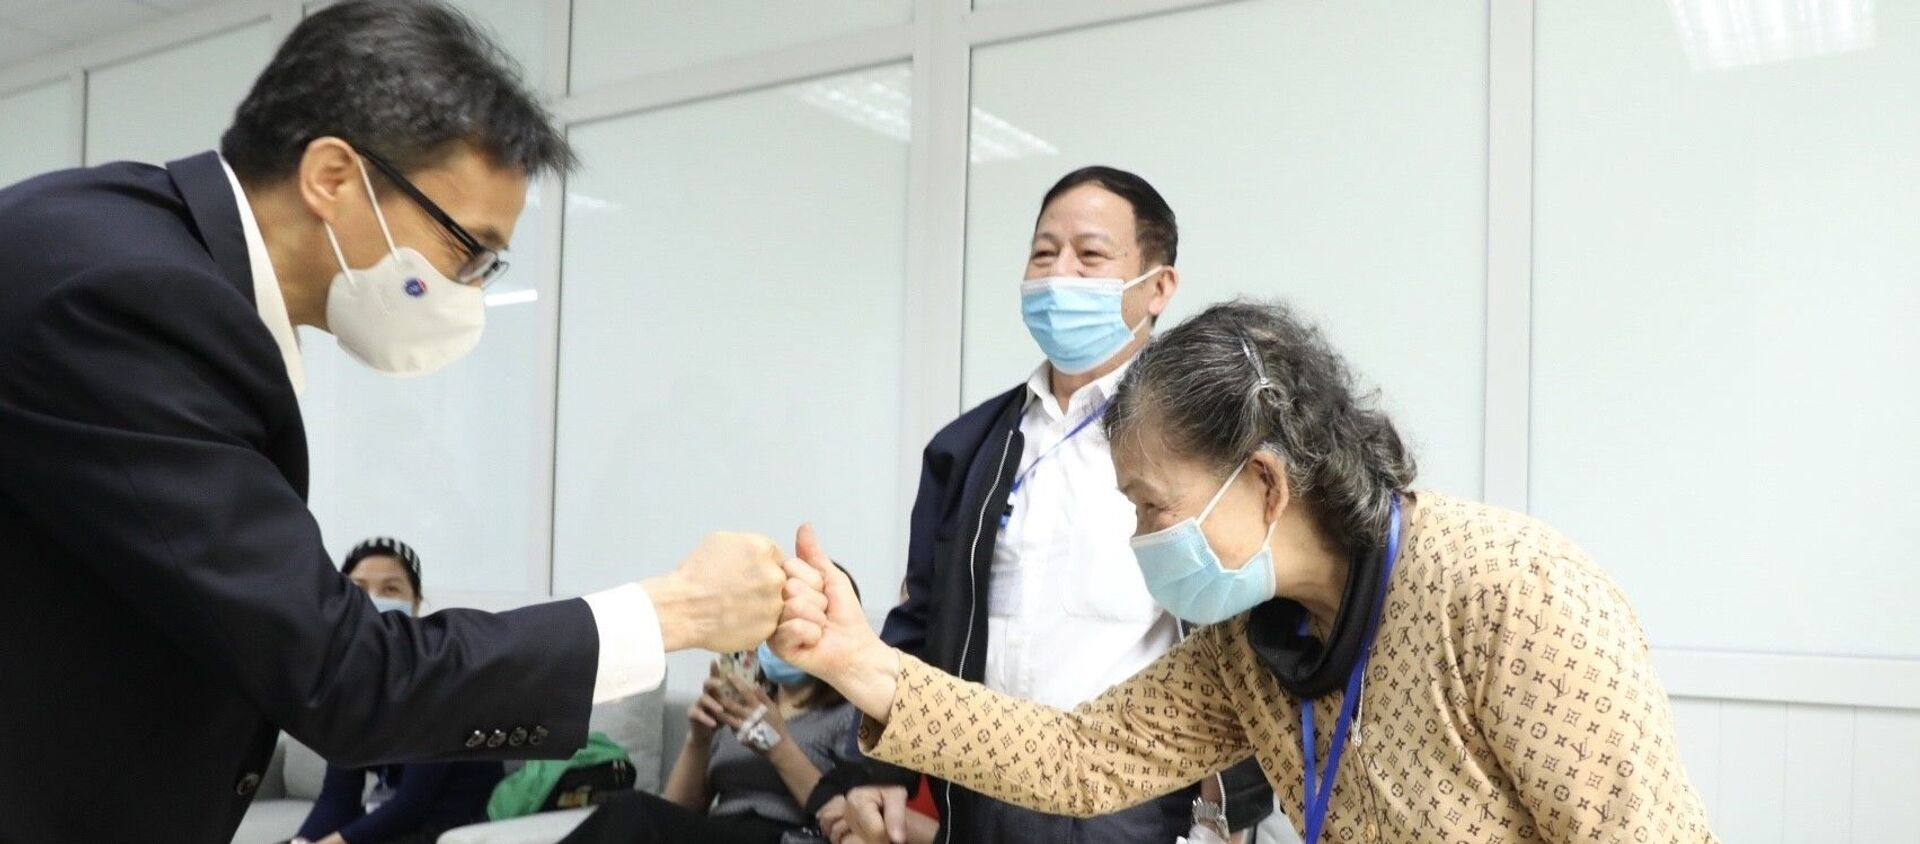 Phó Thủ tướng Vũ Đức Đam thăm, động viên nghiên cứu viên, tình nguyện viên tiêm thử nghiệm vaccine Nano Covax phòng COVID-19 giai đoạn hai - Sputnik Việt Nam, 1920, 26.03.2021